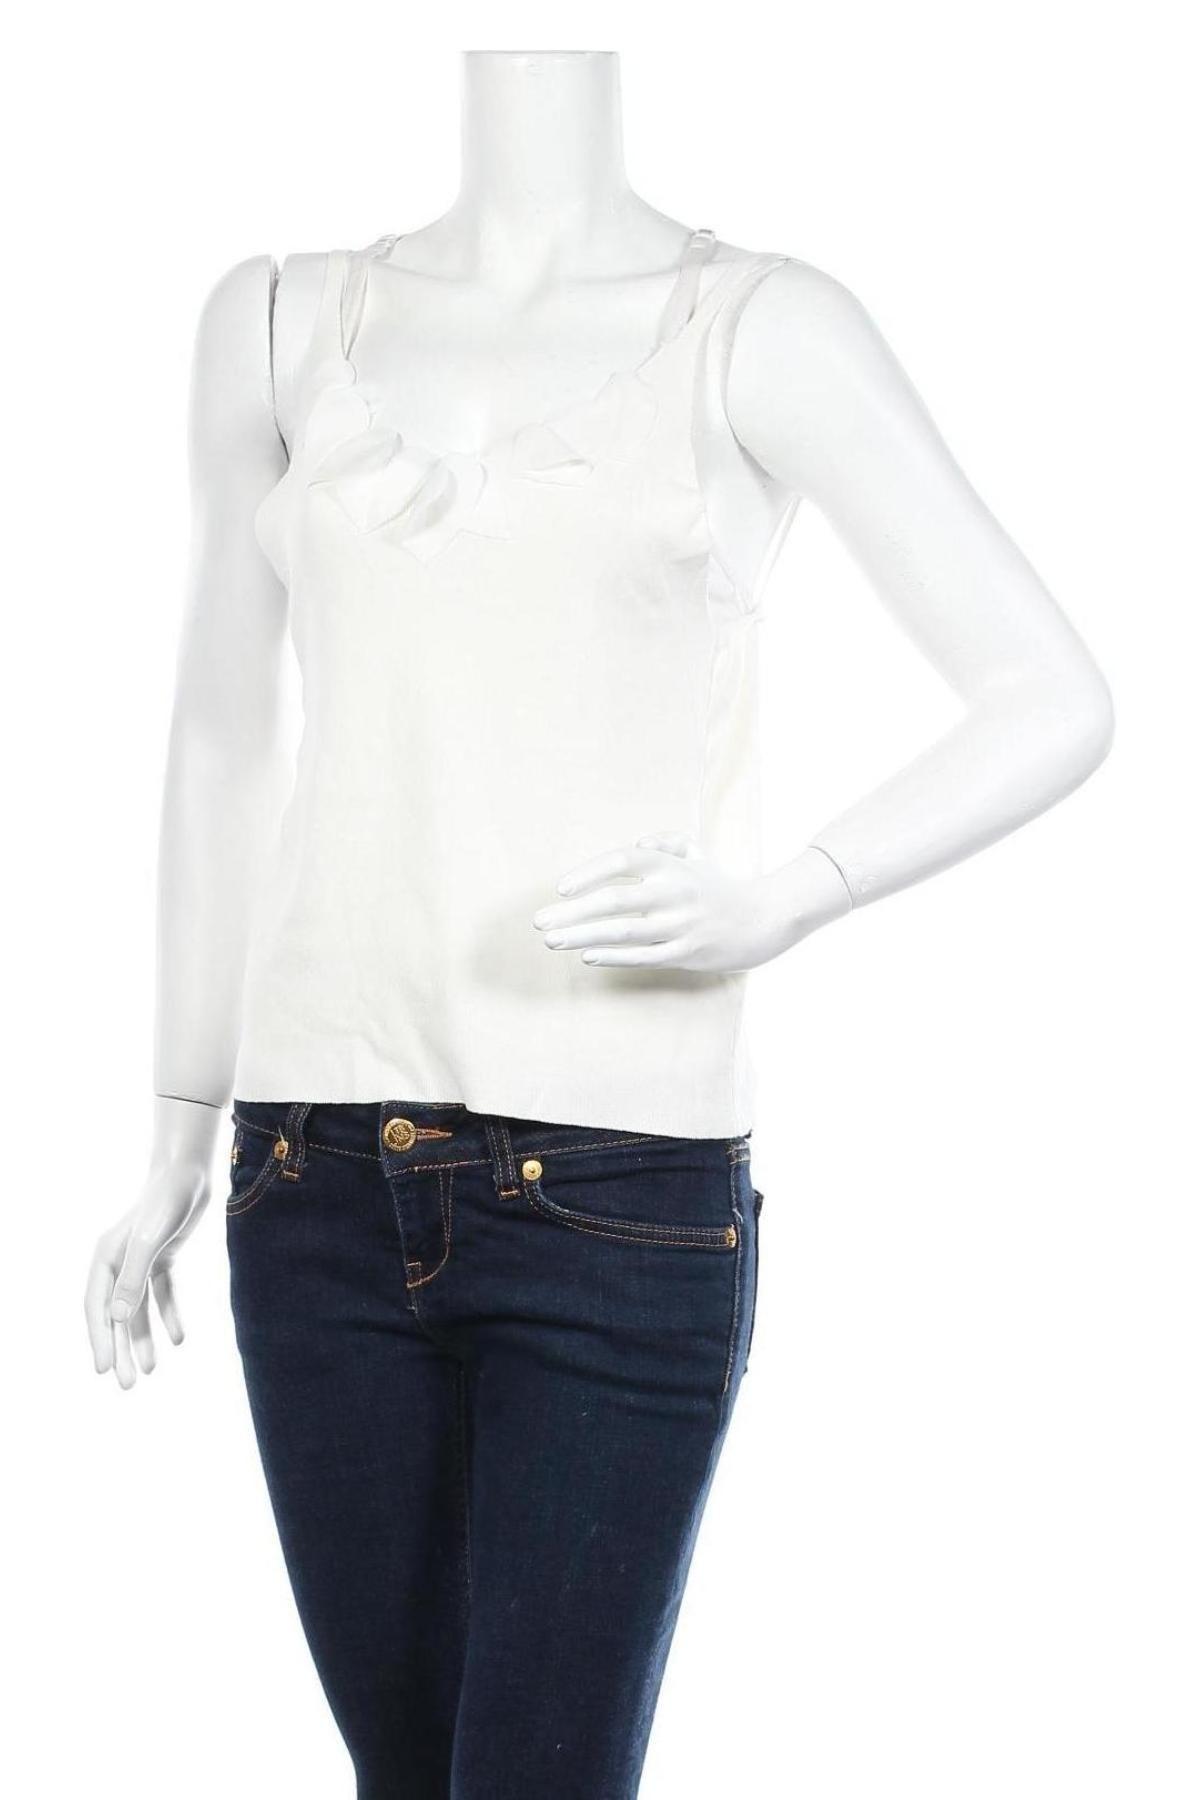 Γυναικείο αμάνικο μπλουζάκι Molly Bracken, Μέγεθος L, Χρώμα Λευκό, Βισκόζη, Τιμή 6,06€